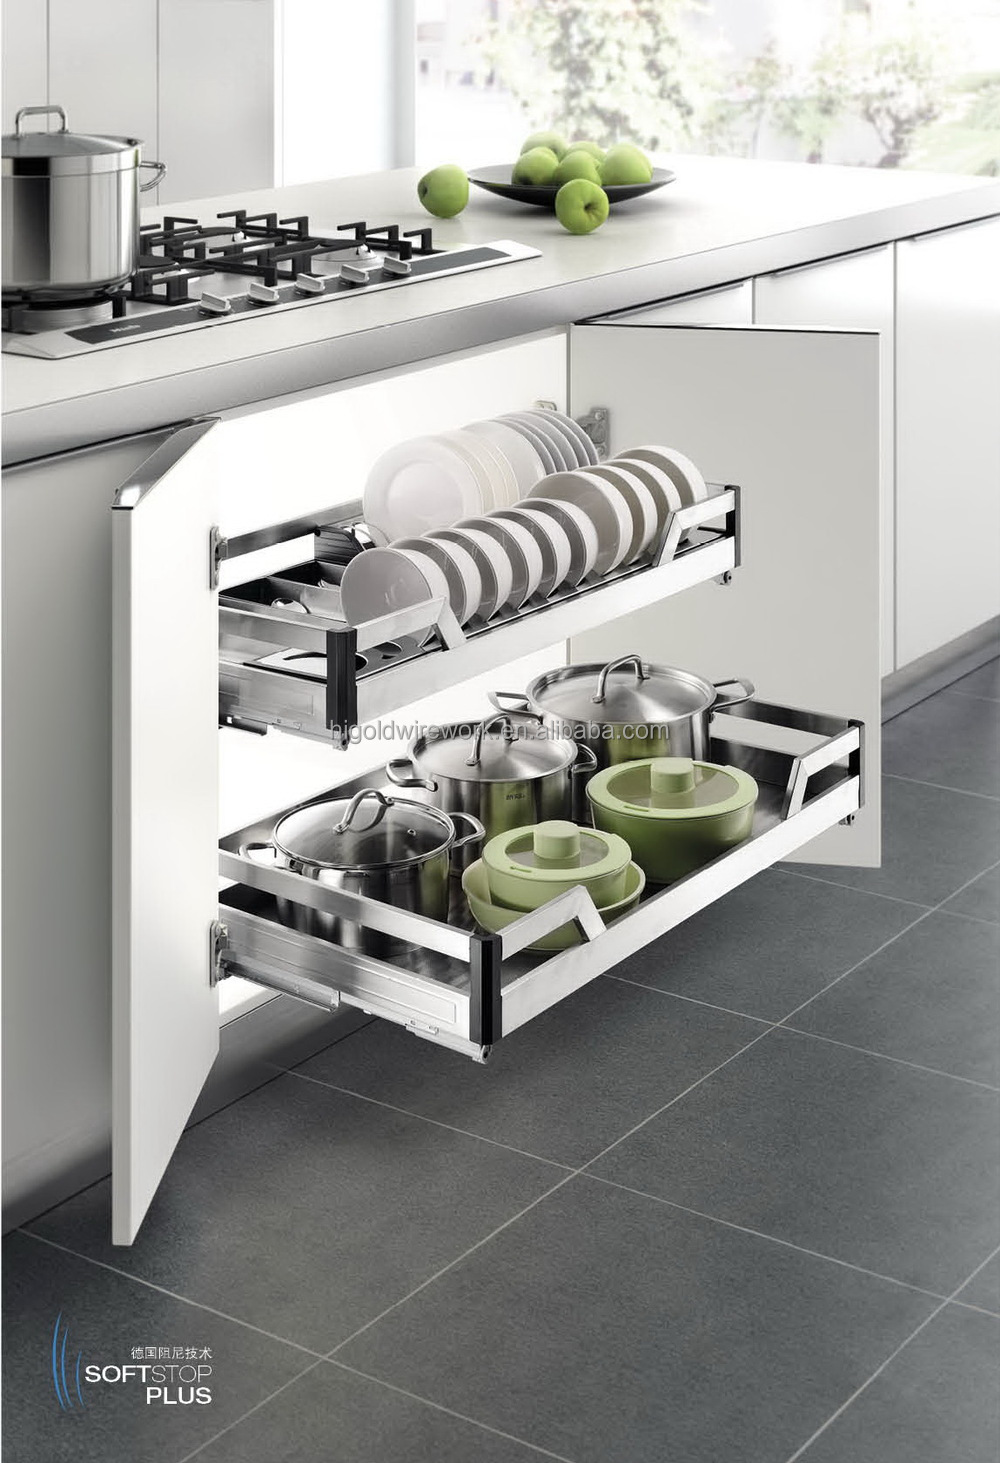 Moderne keukenkast trek mentale plaat mand-keuken opslag-product ...